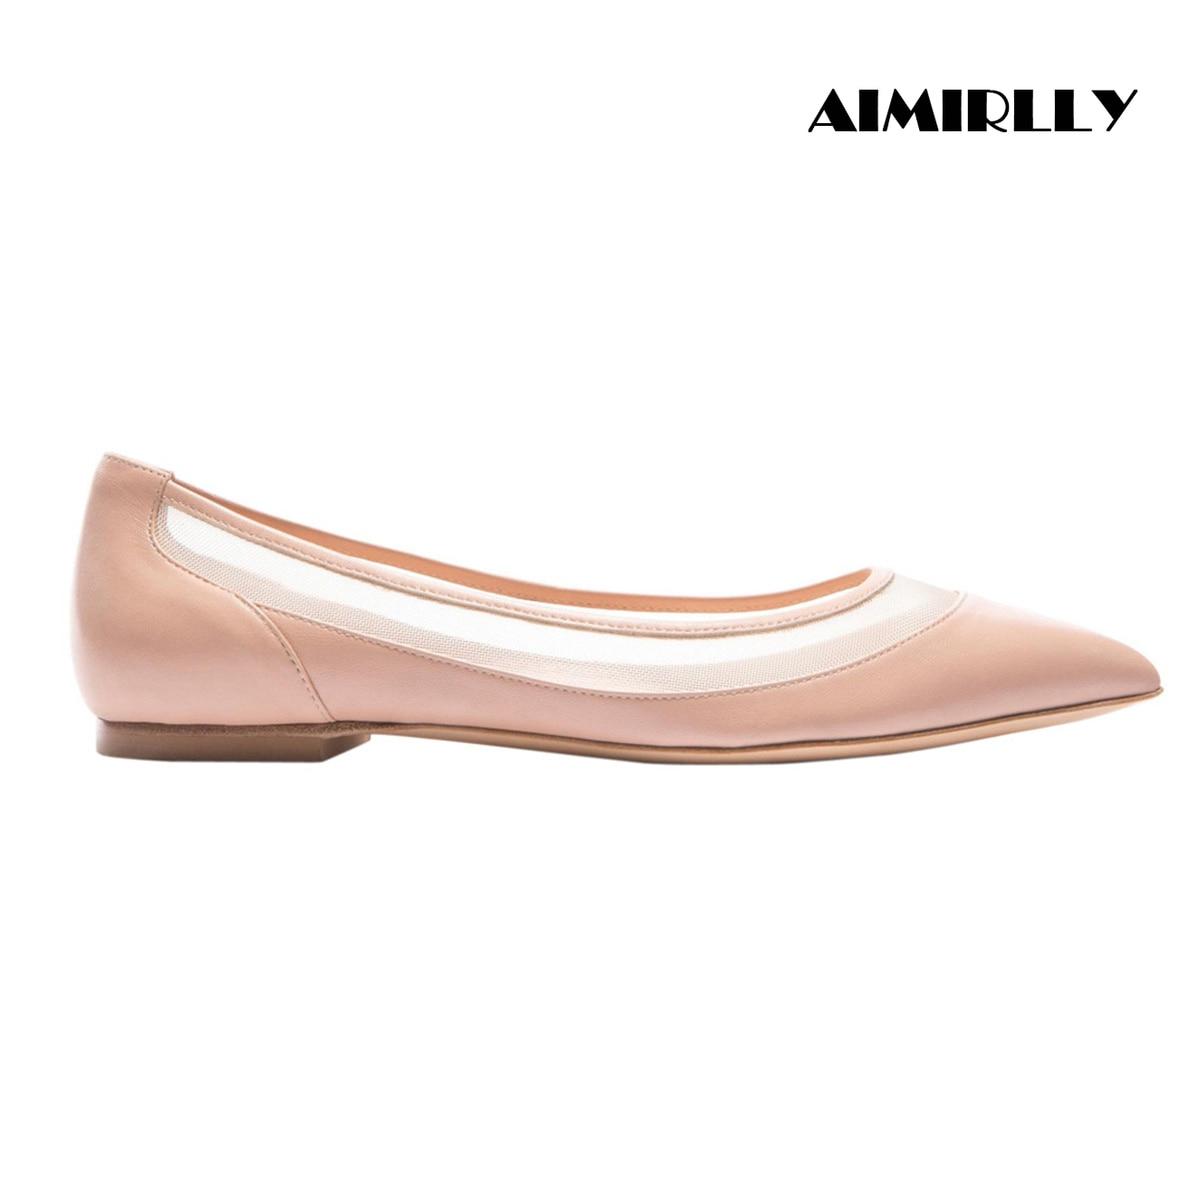 Zapatos de mujer 2019 con puntera plana Heesl Patchwork rejilla primavera otoño vestido de fiesta zapatos Casual cómodo Slip-On negro desnudo